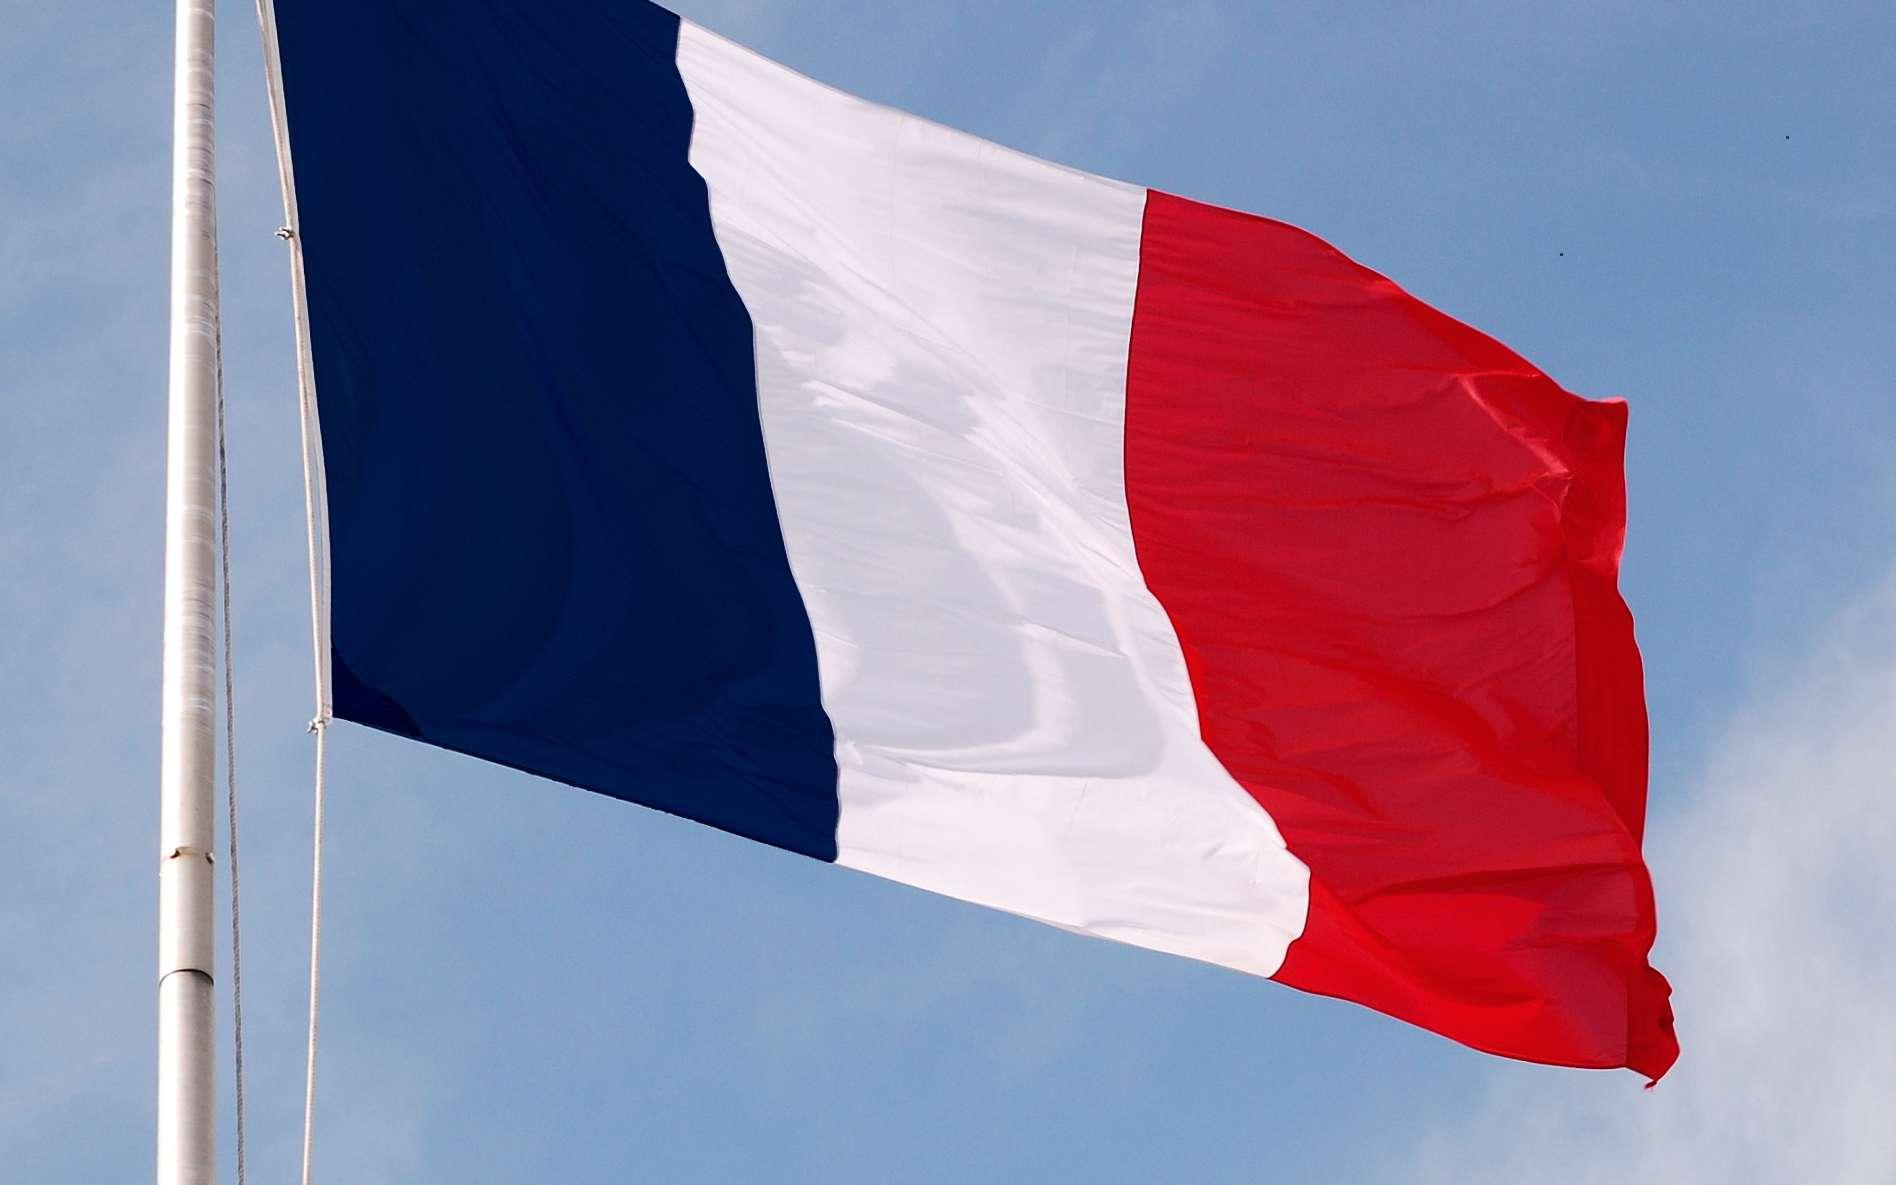 L'origine du drapeau français remonte à la Révolution de 1789. © Wox-globe-trotter, Wikimedia Commons, Domaine public